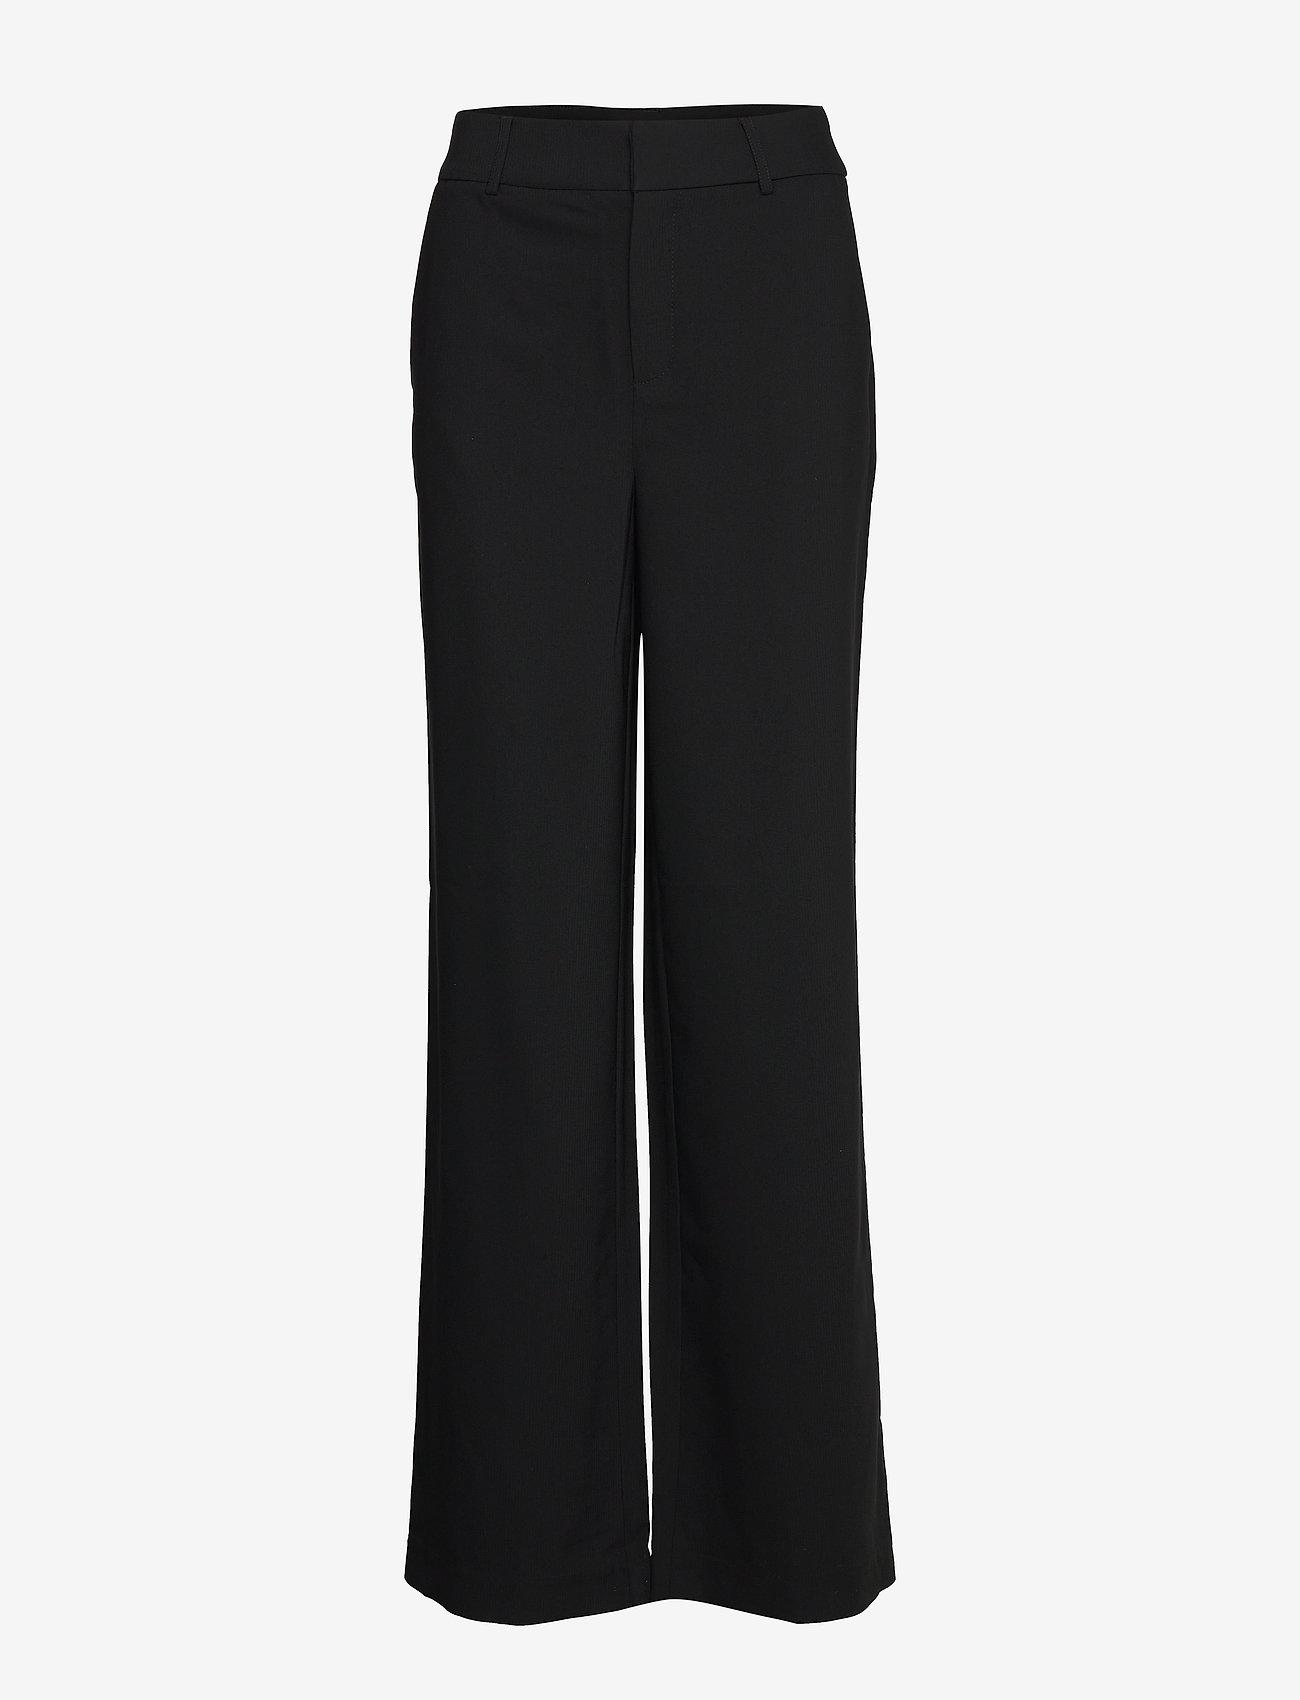 Gestuz - JoelleGZ pants NOOS - bukser med brede ben - black - 1